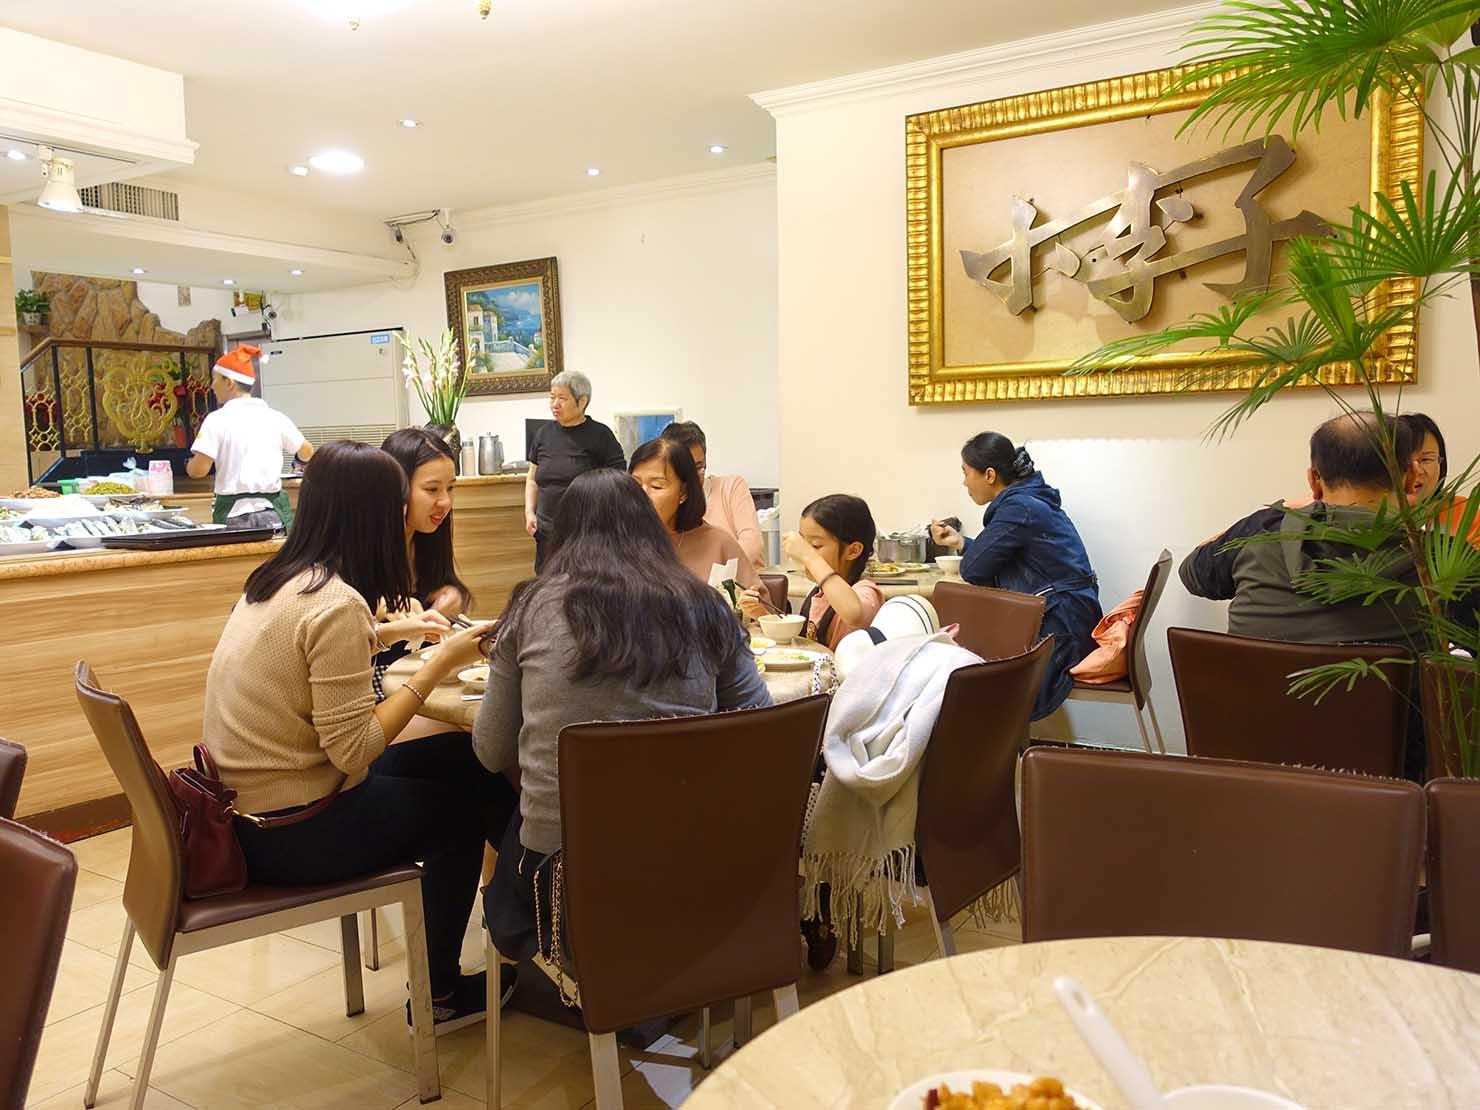 台北・清粥街(お粥街)にある「小李子清粥小菜」の店内